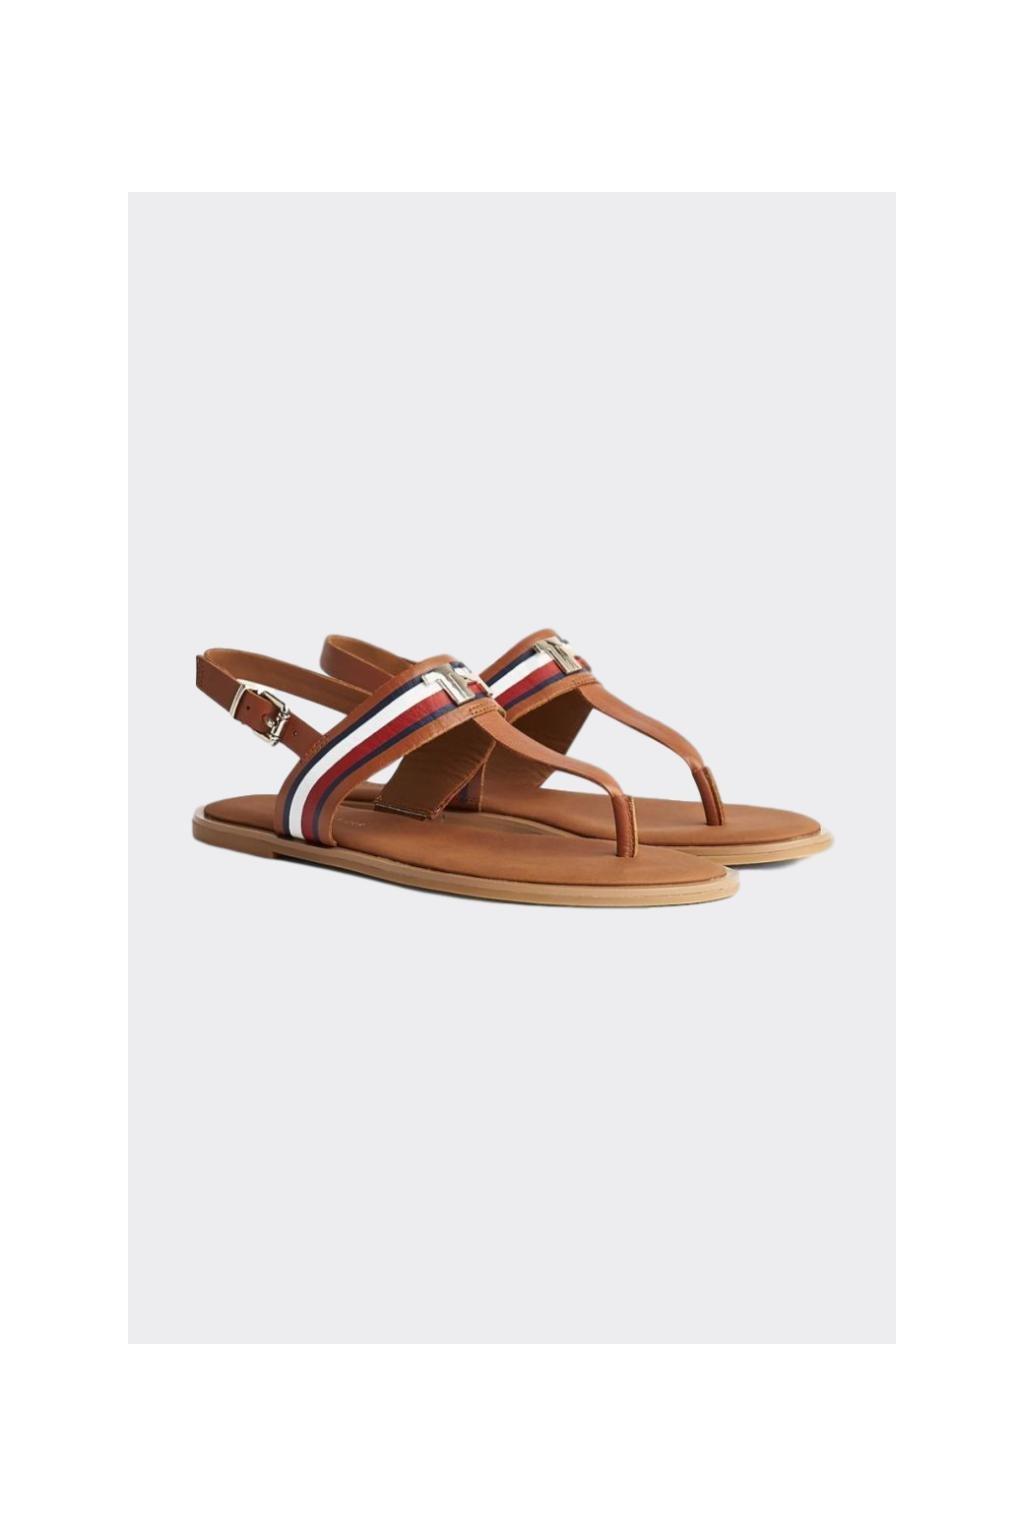 Tommy Hilfiger kožené sandále dámské - hnědé